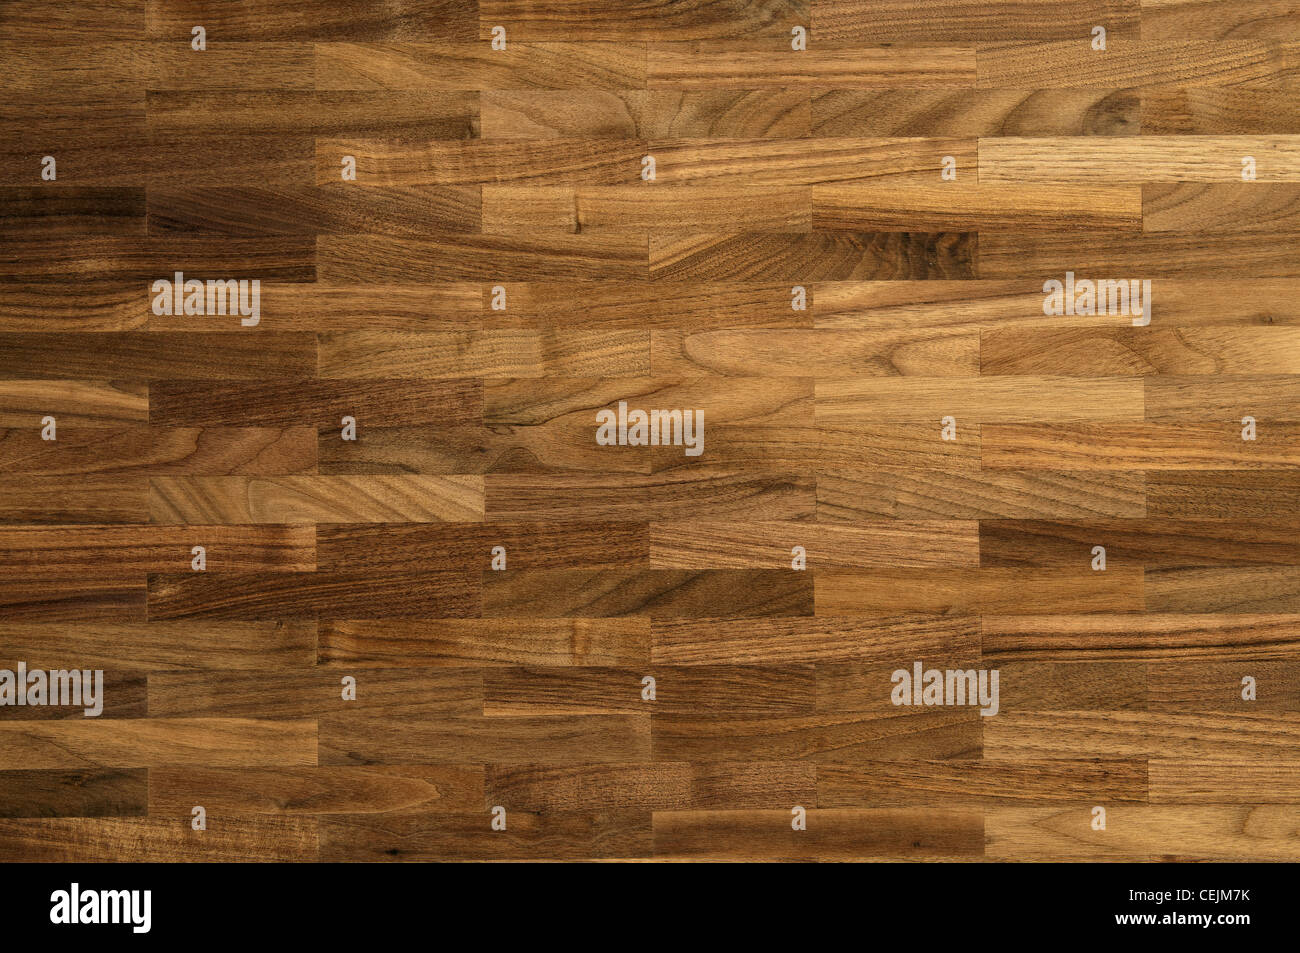 Texture di legno parquet pavimento realizzato del noce canaletto naturale del legno foto - Piastrelle simili al parquet ...